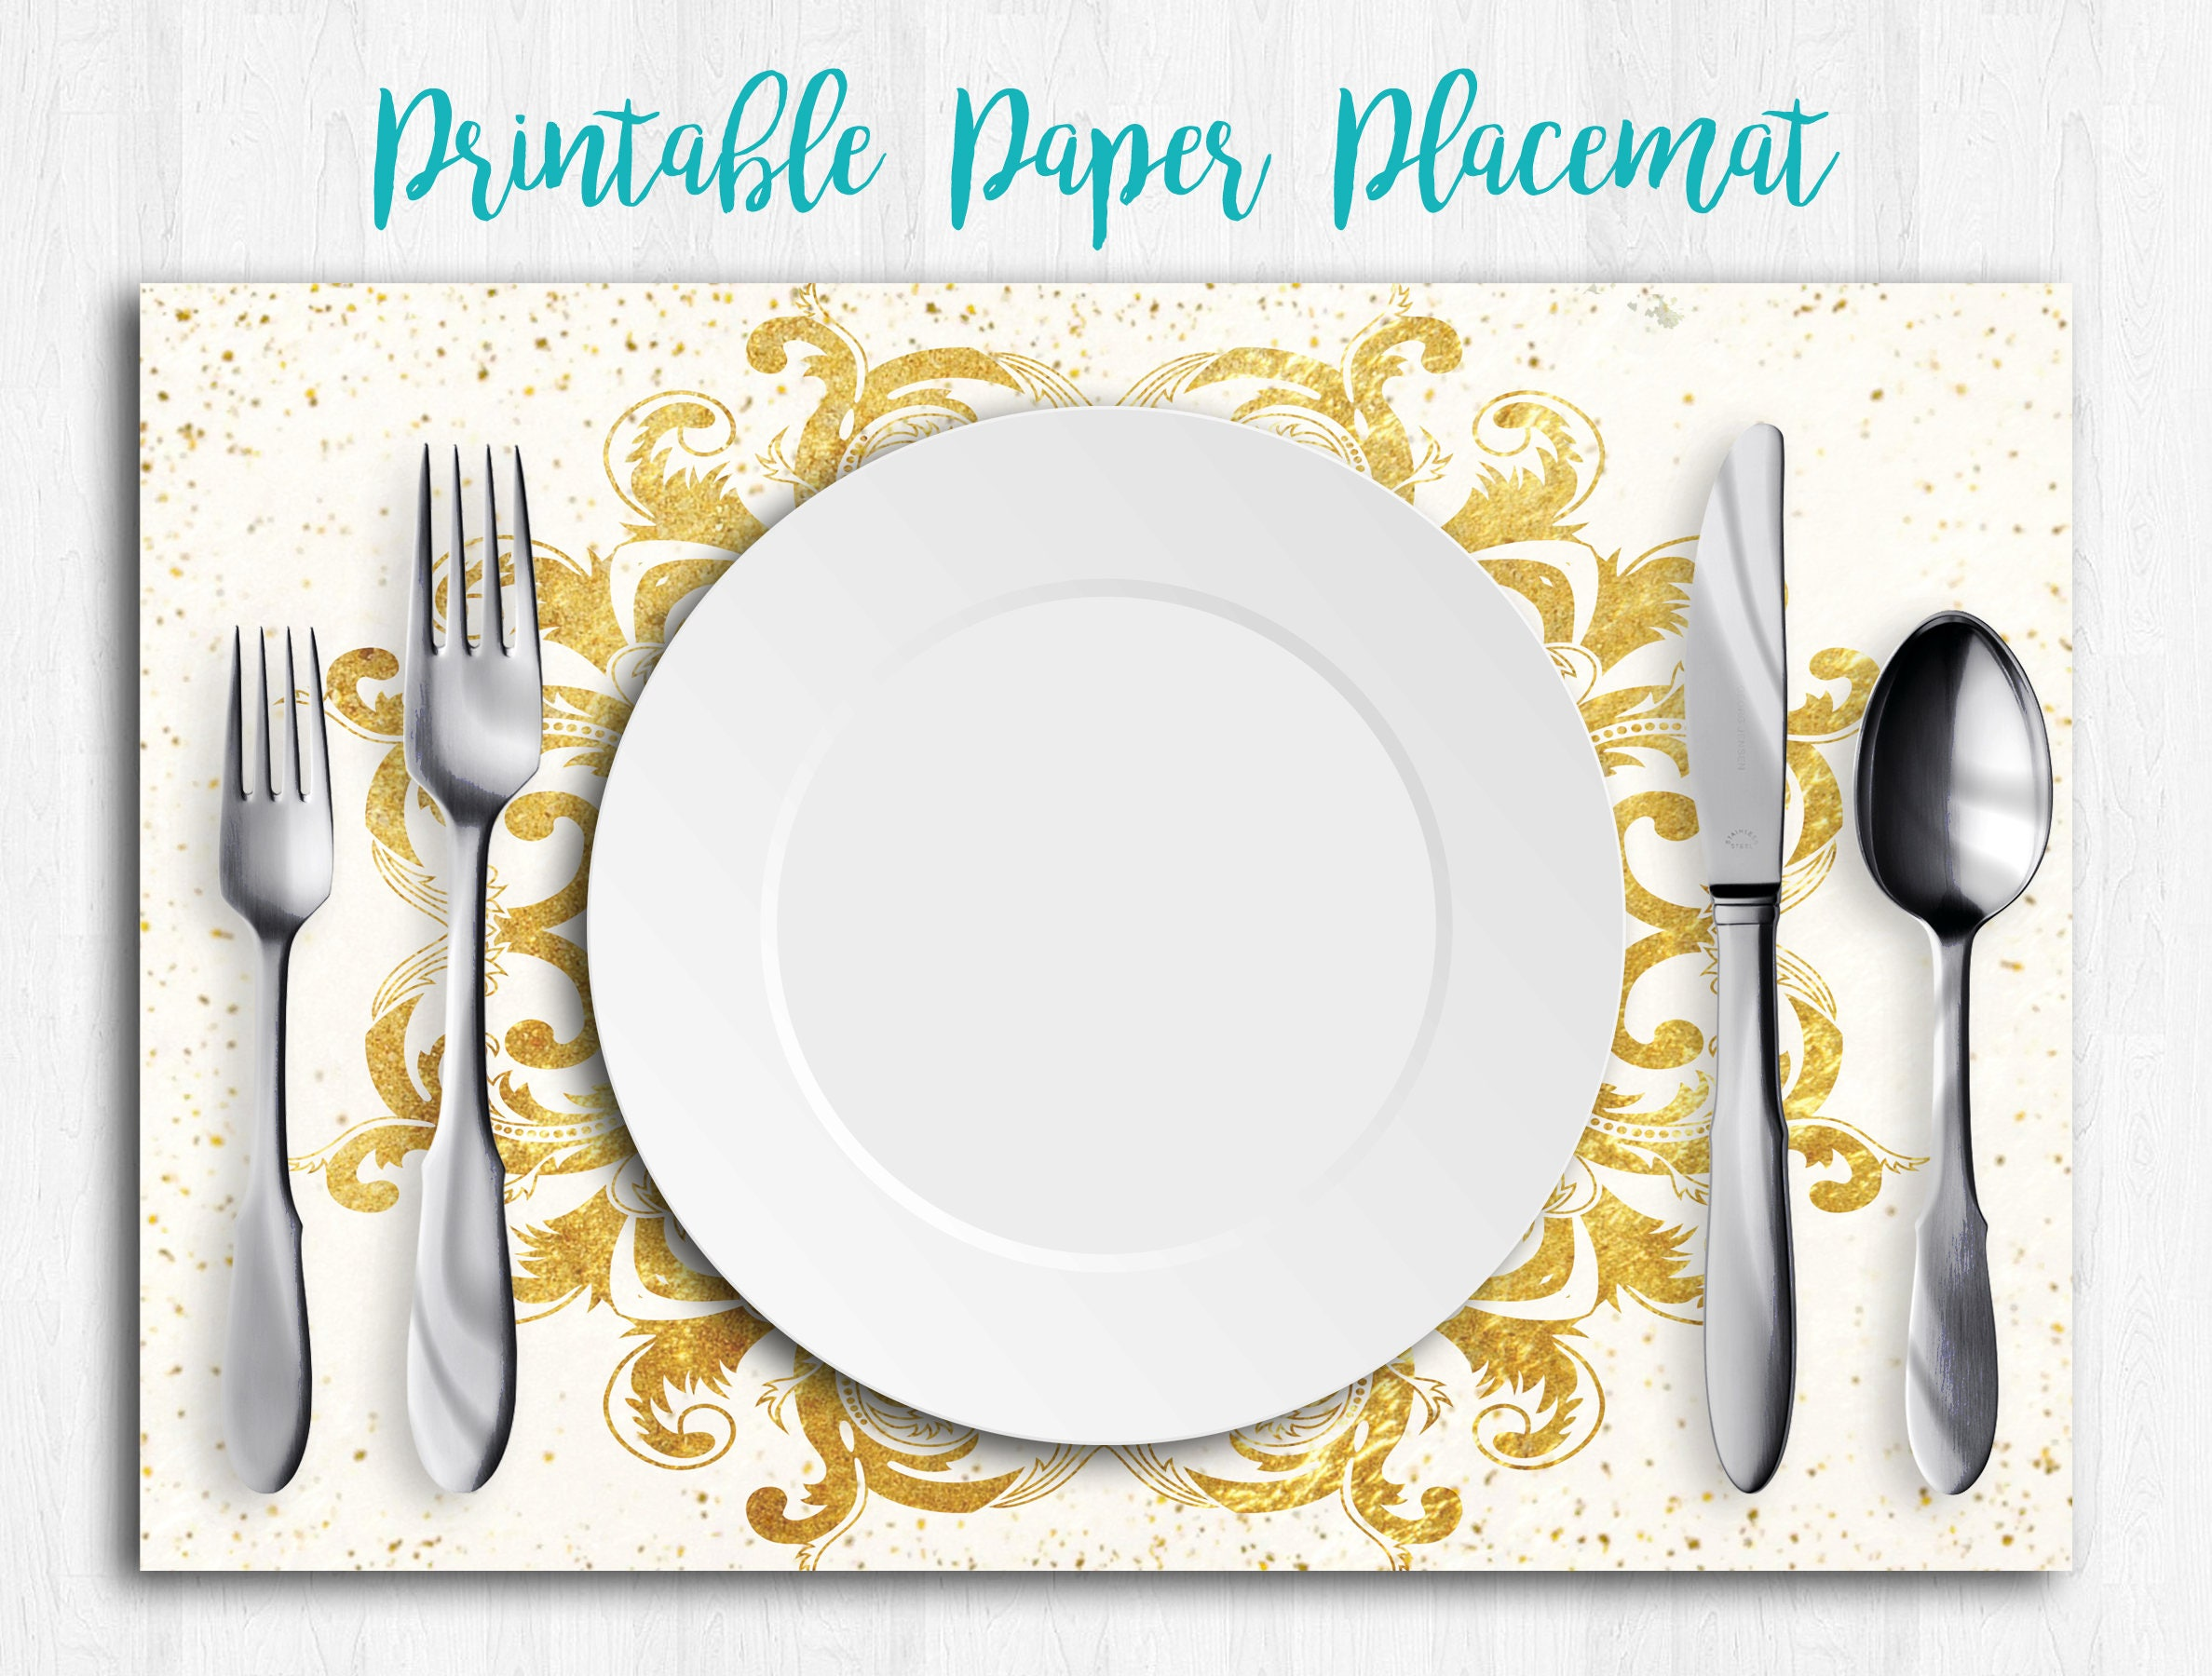 Goldpapier Tischsets Gold Tischläufer Hochzeit Tischsets   Etsy